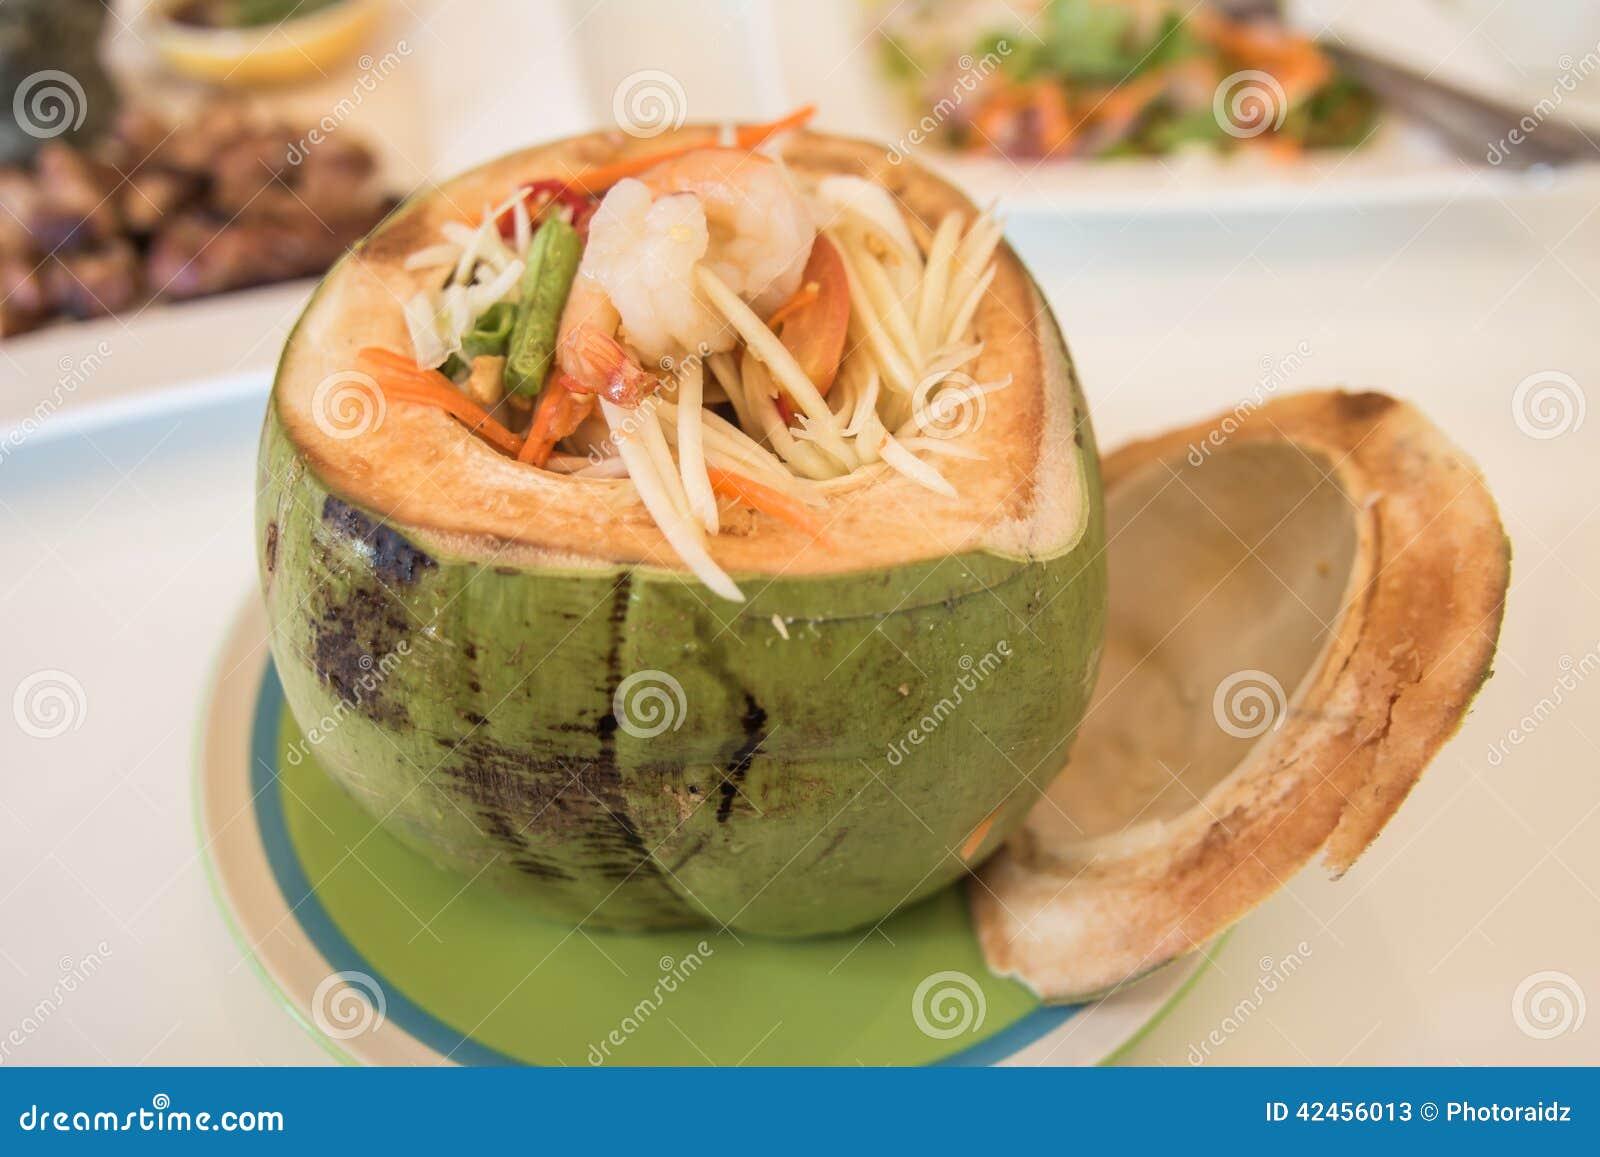 Thailändische Papaya